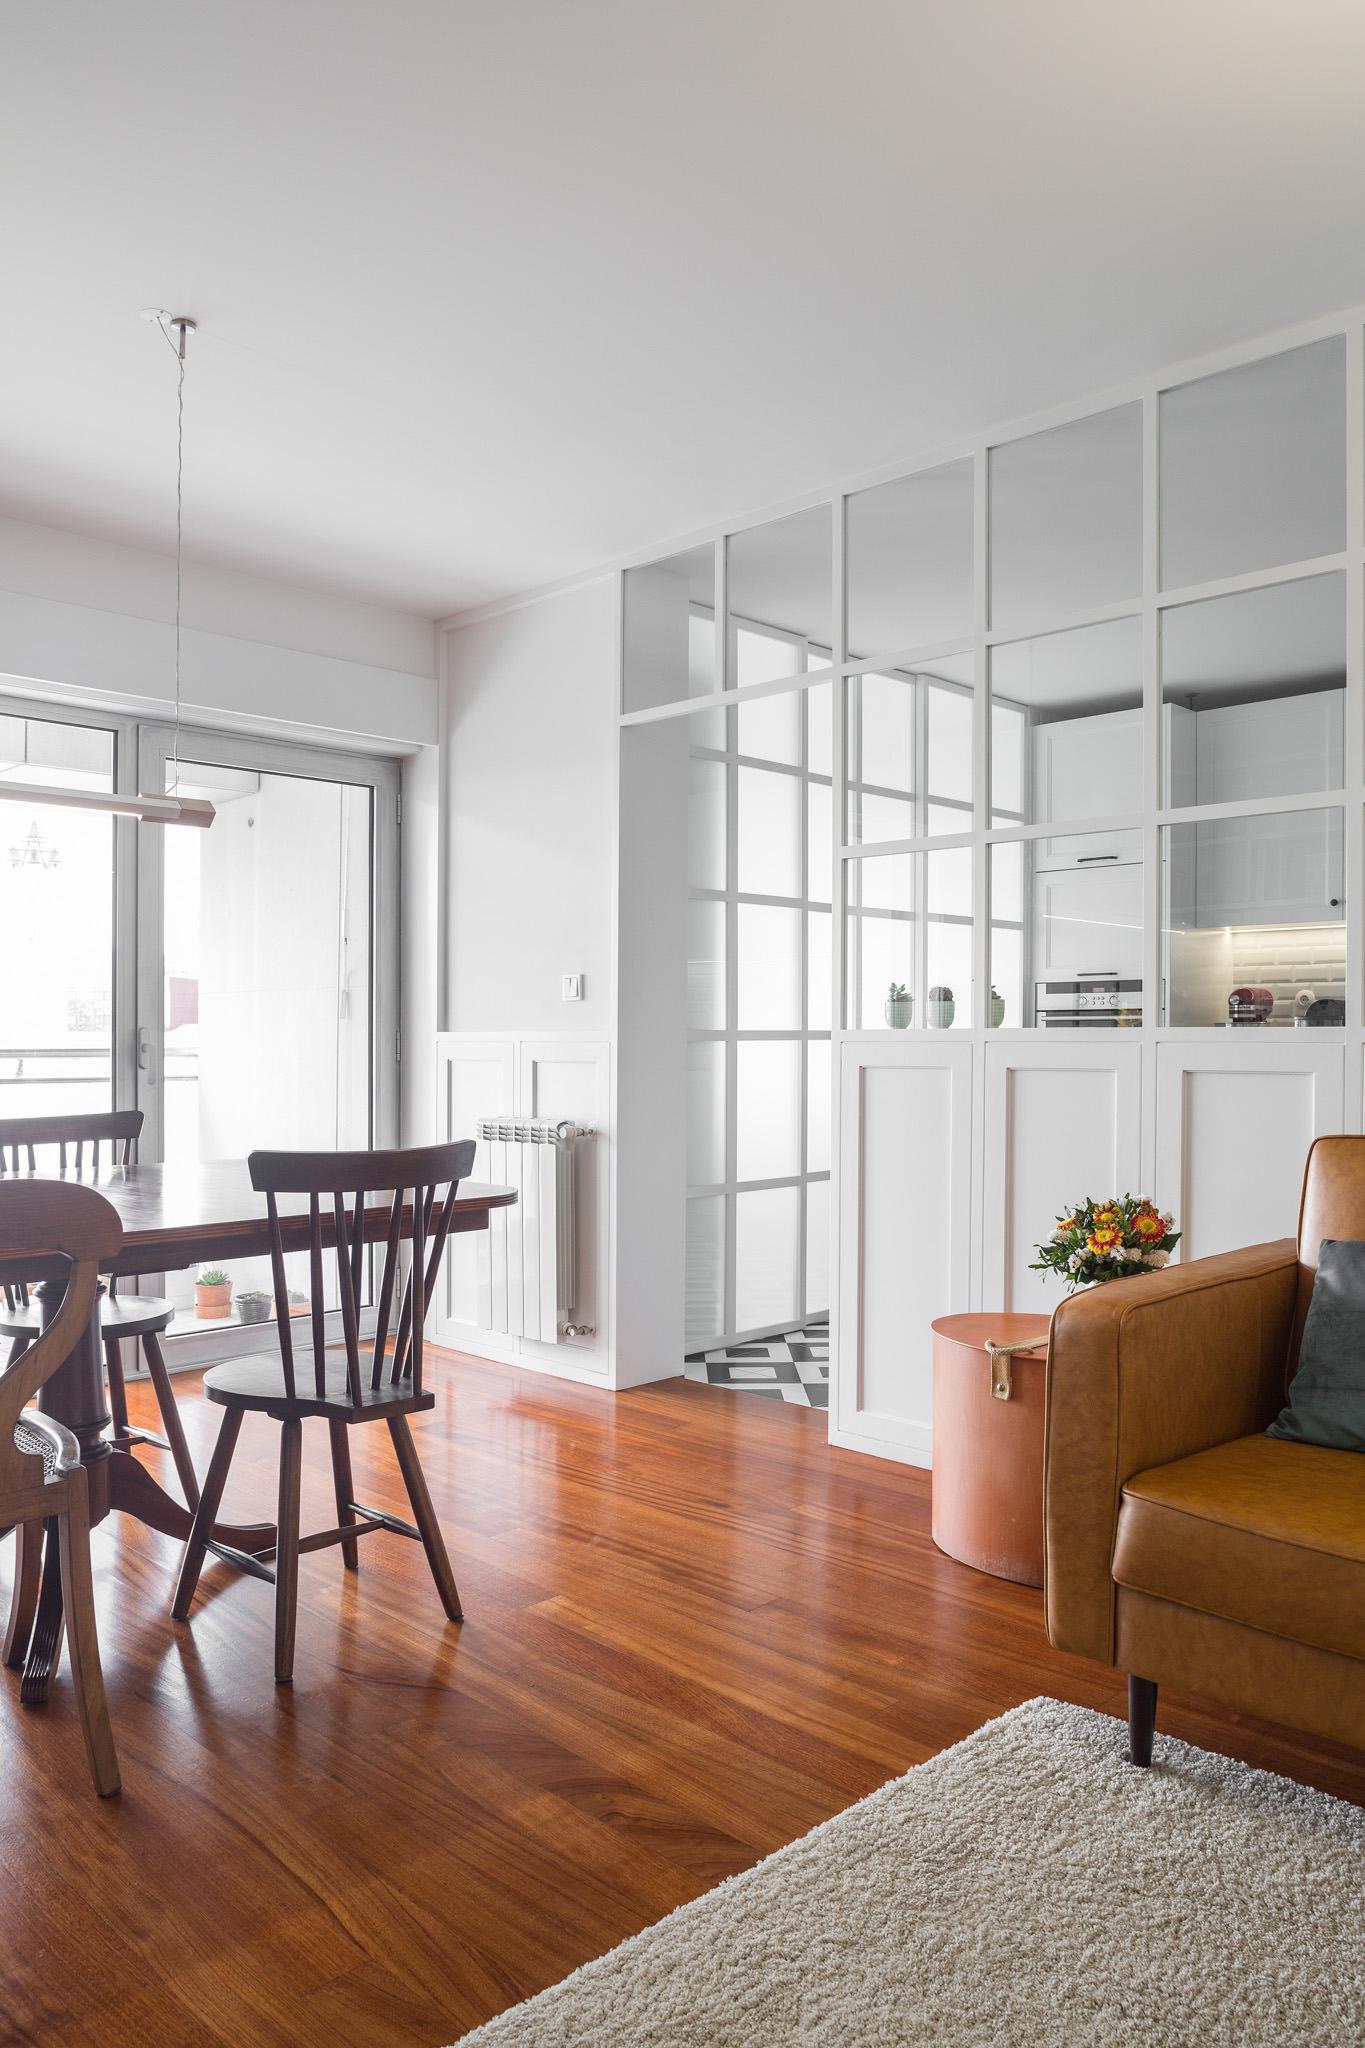 Reportagem Fotografia De Arquitectura Portuguesa Fotografo Ivo Tavares Studio Remodelação Apartamento No Porto Do Arquitecto Ren Ito .